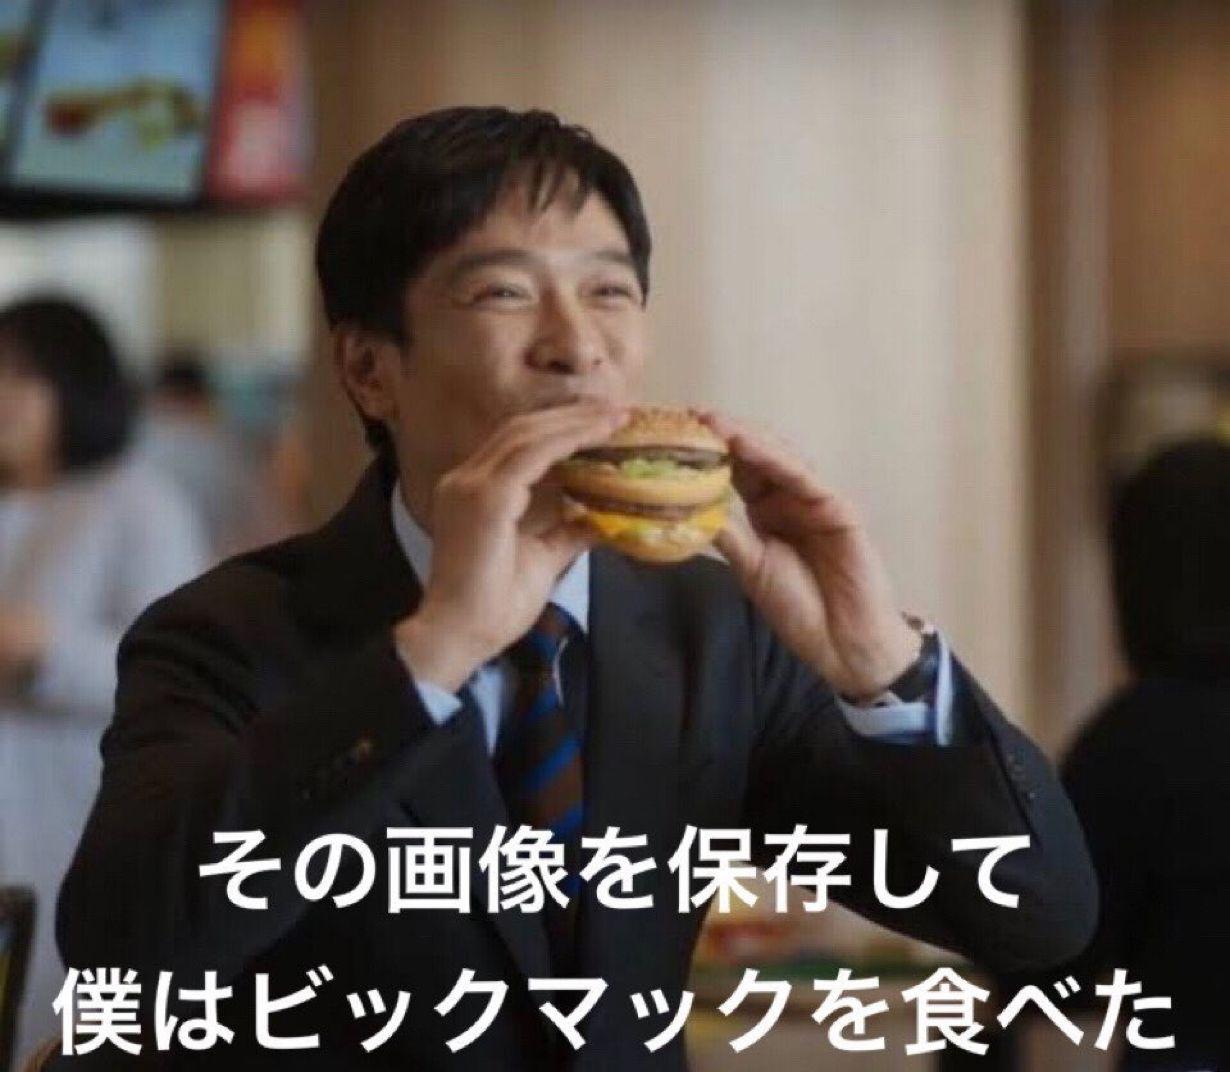 「好みの画像だったから保存した」保存する時に使うネタ画像まとめ:ビッグマックを食べた堺雅人